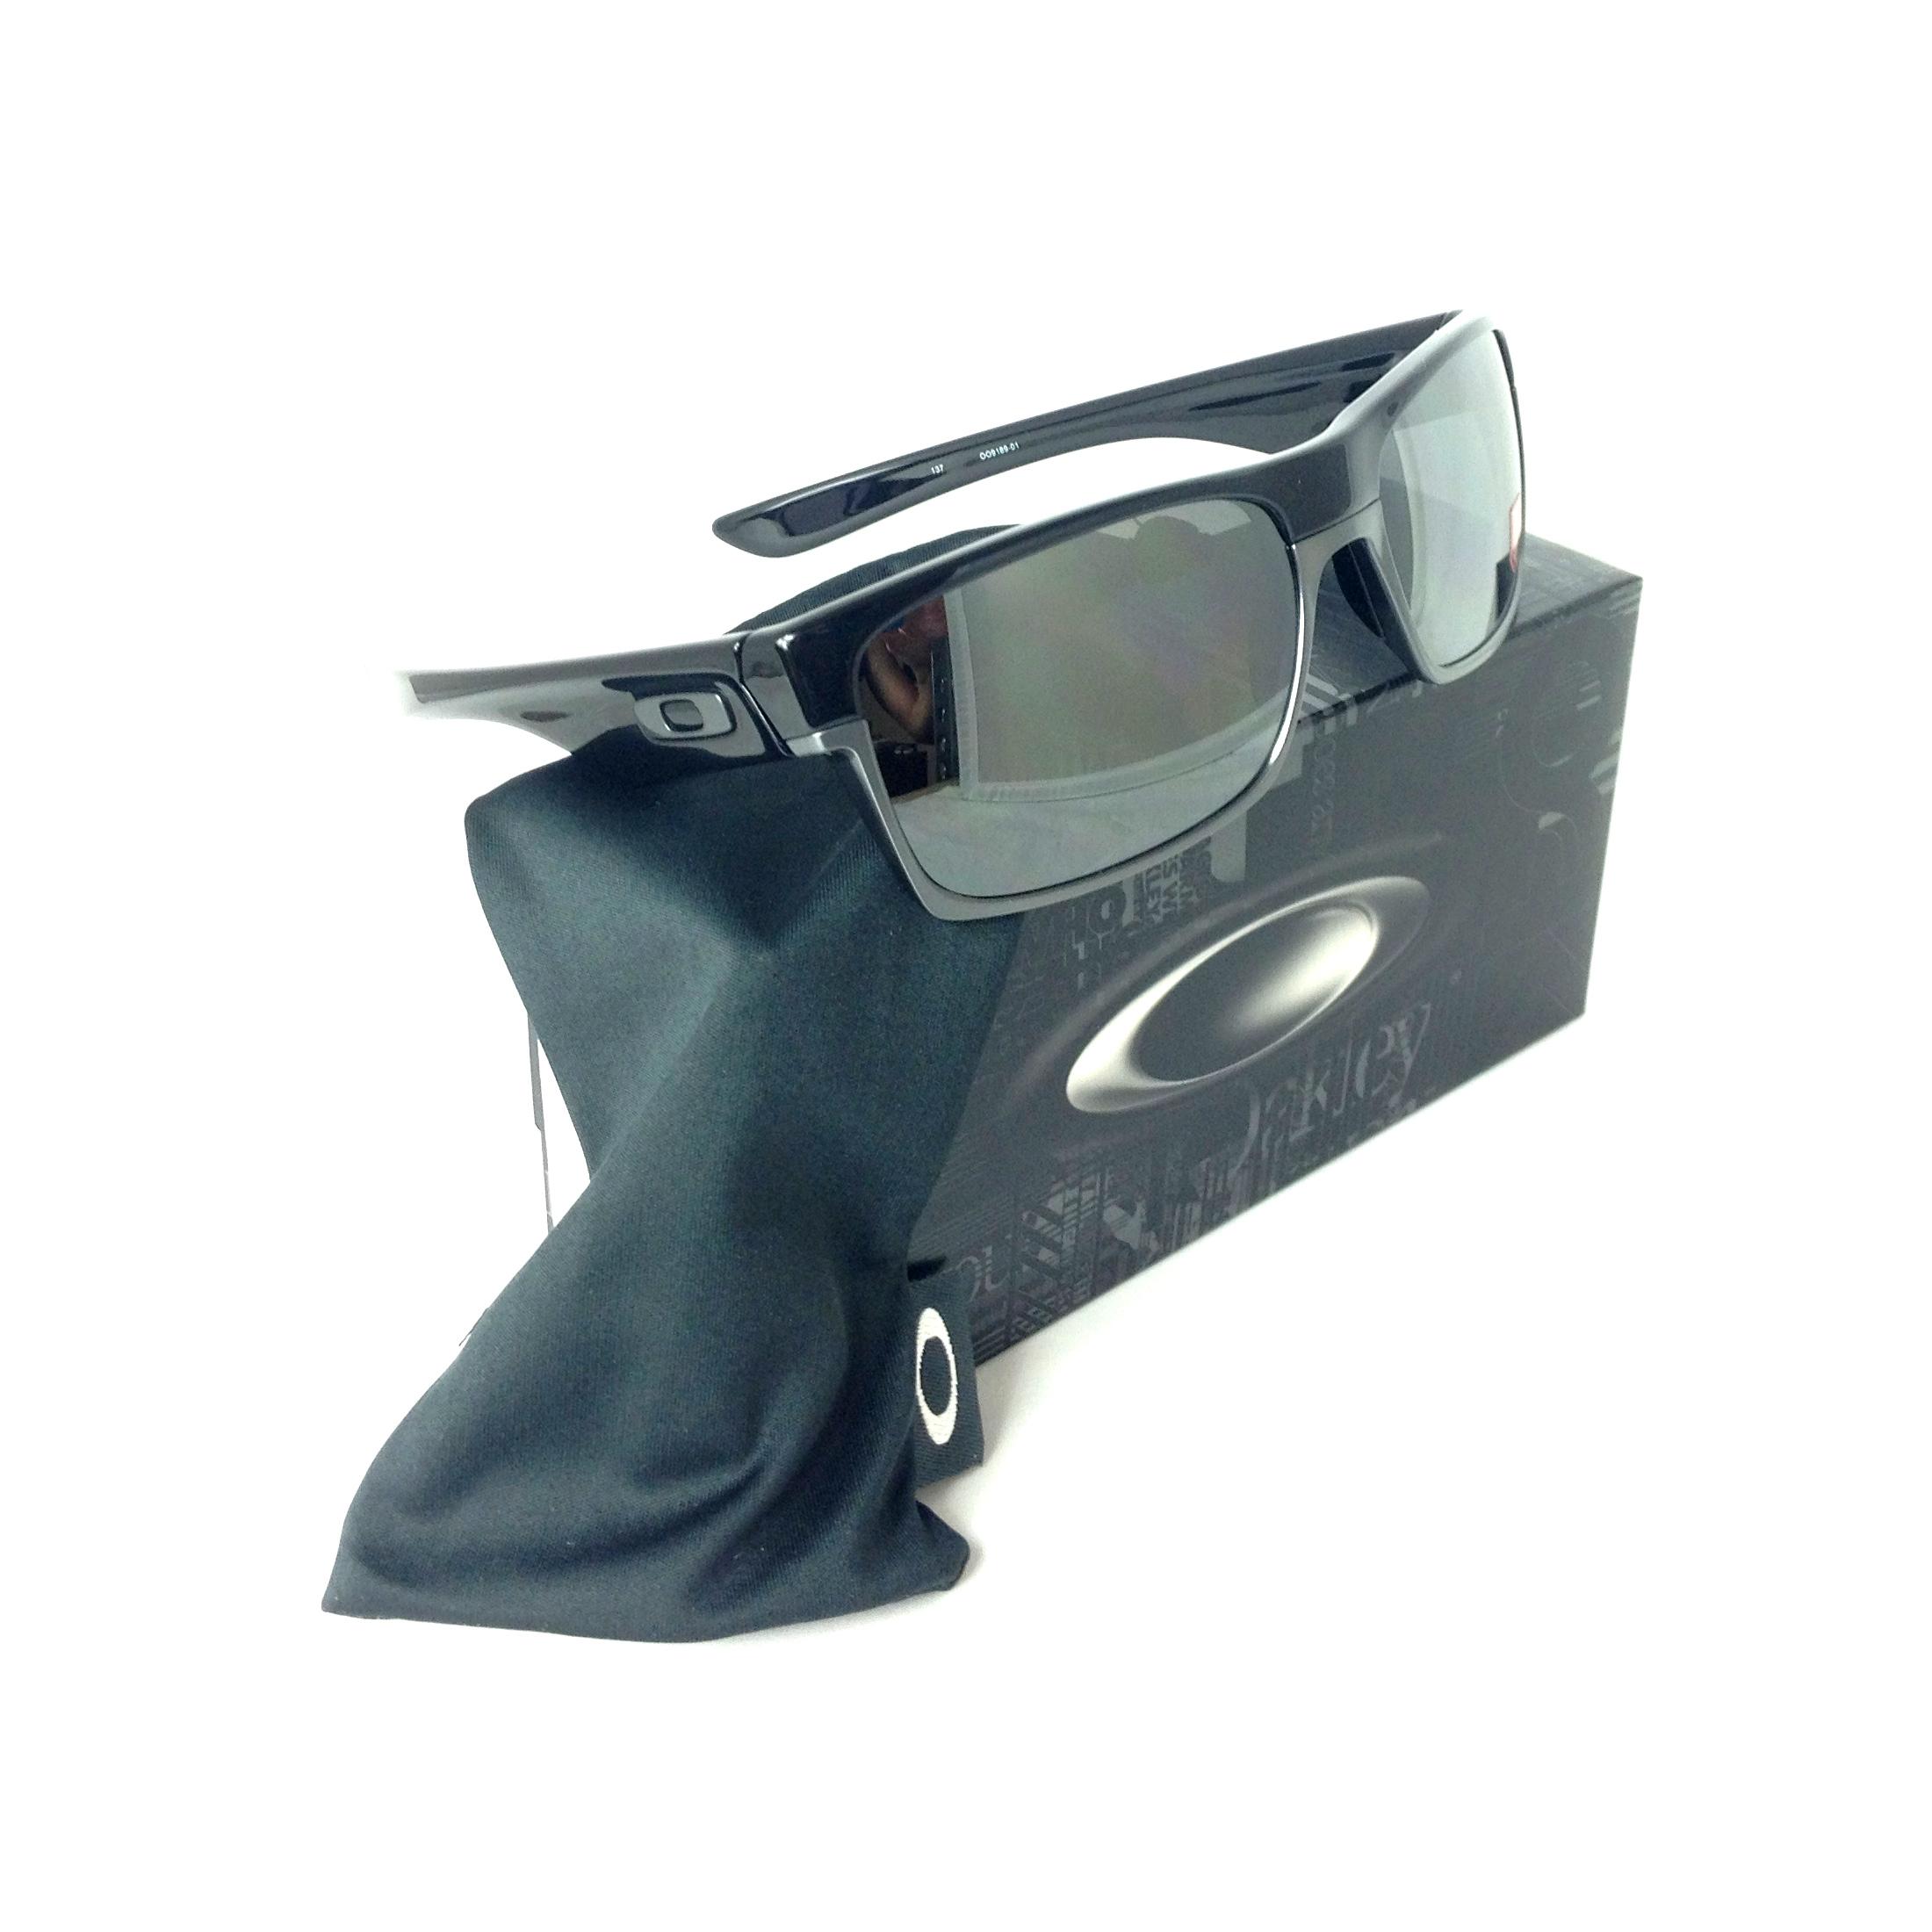 07bf402c15 Oakley Two Face Sunglasses « Heritage Malta